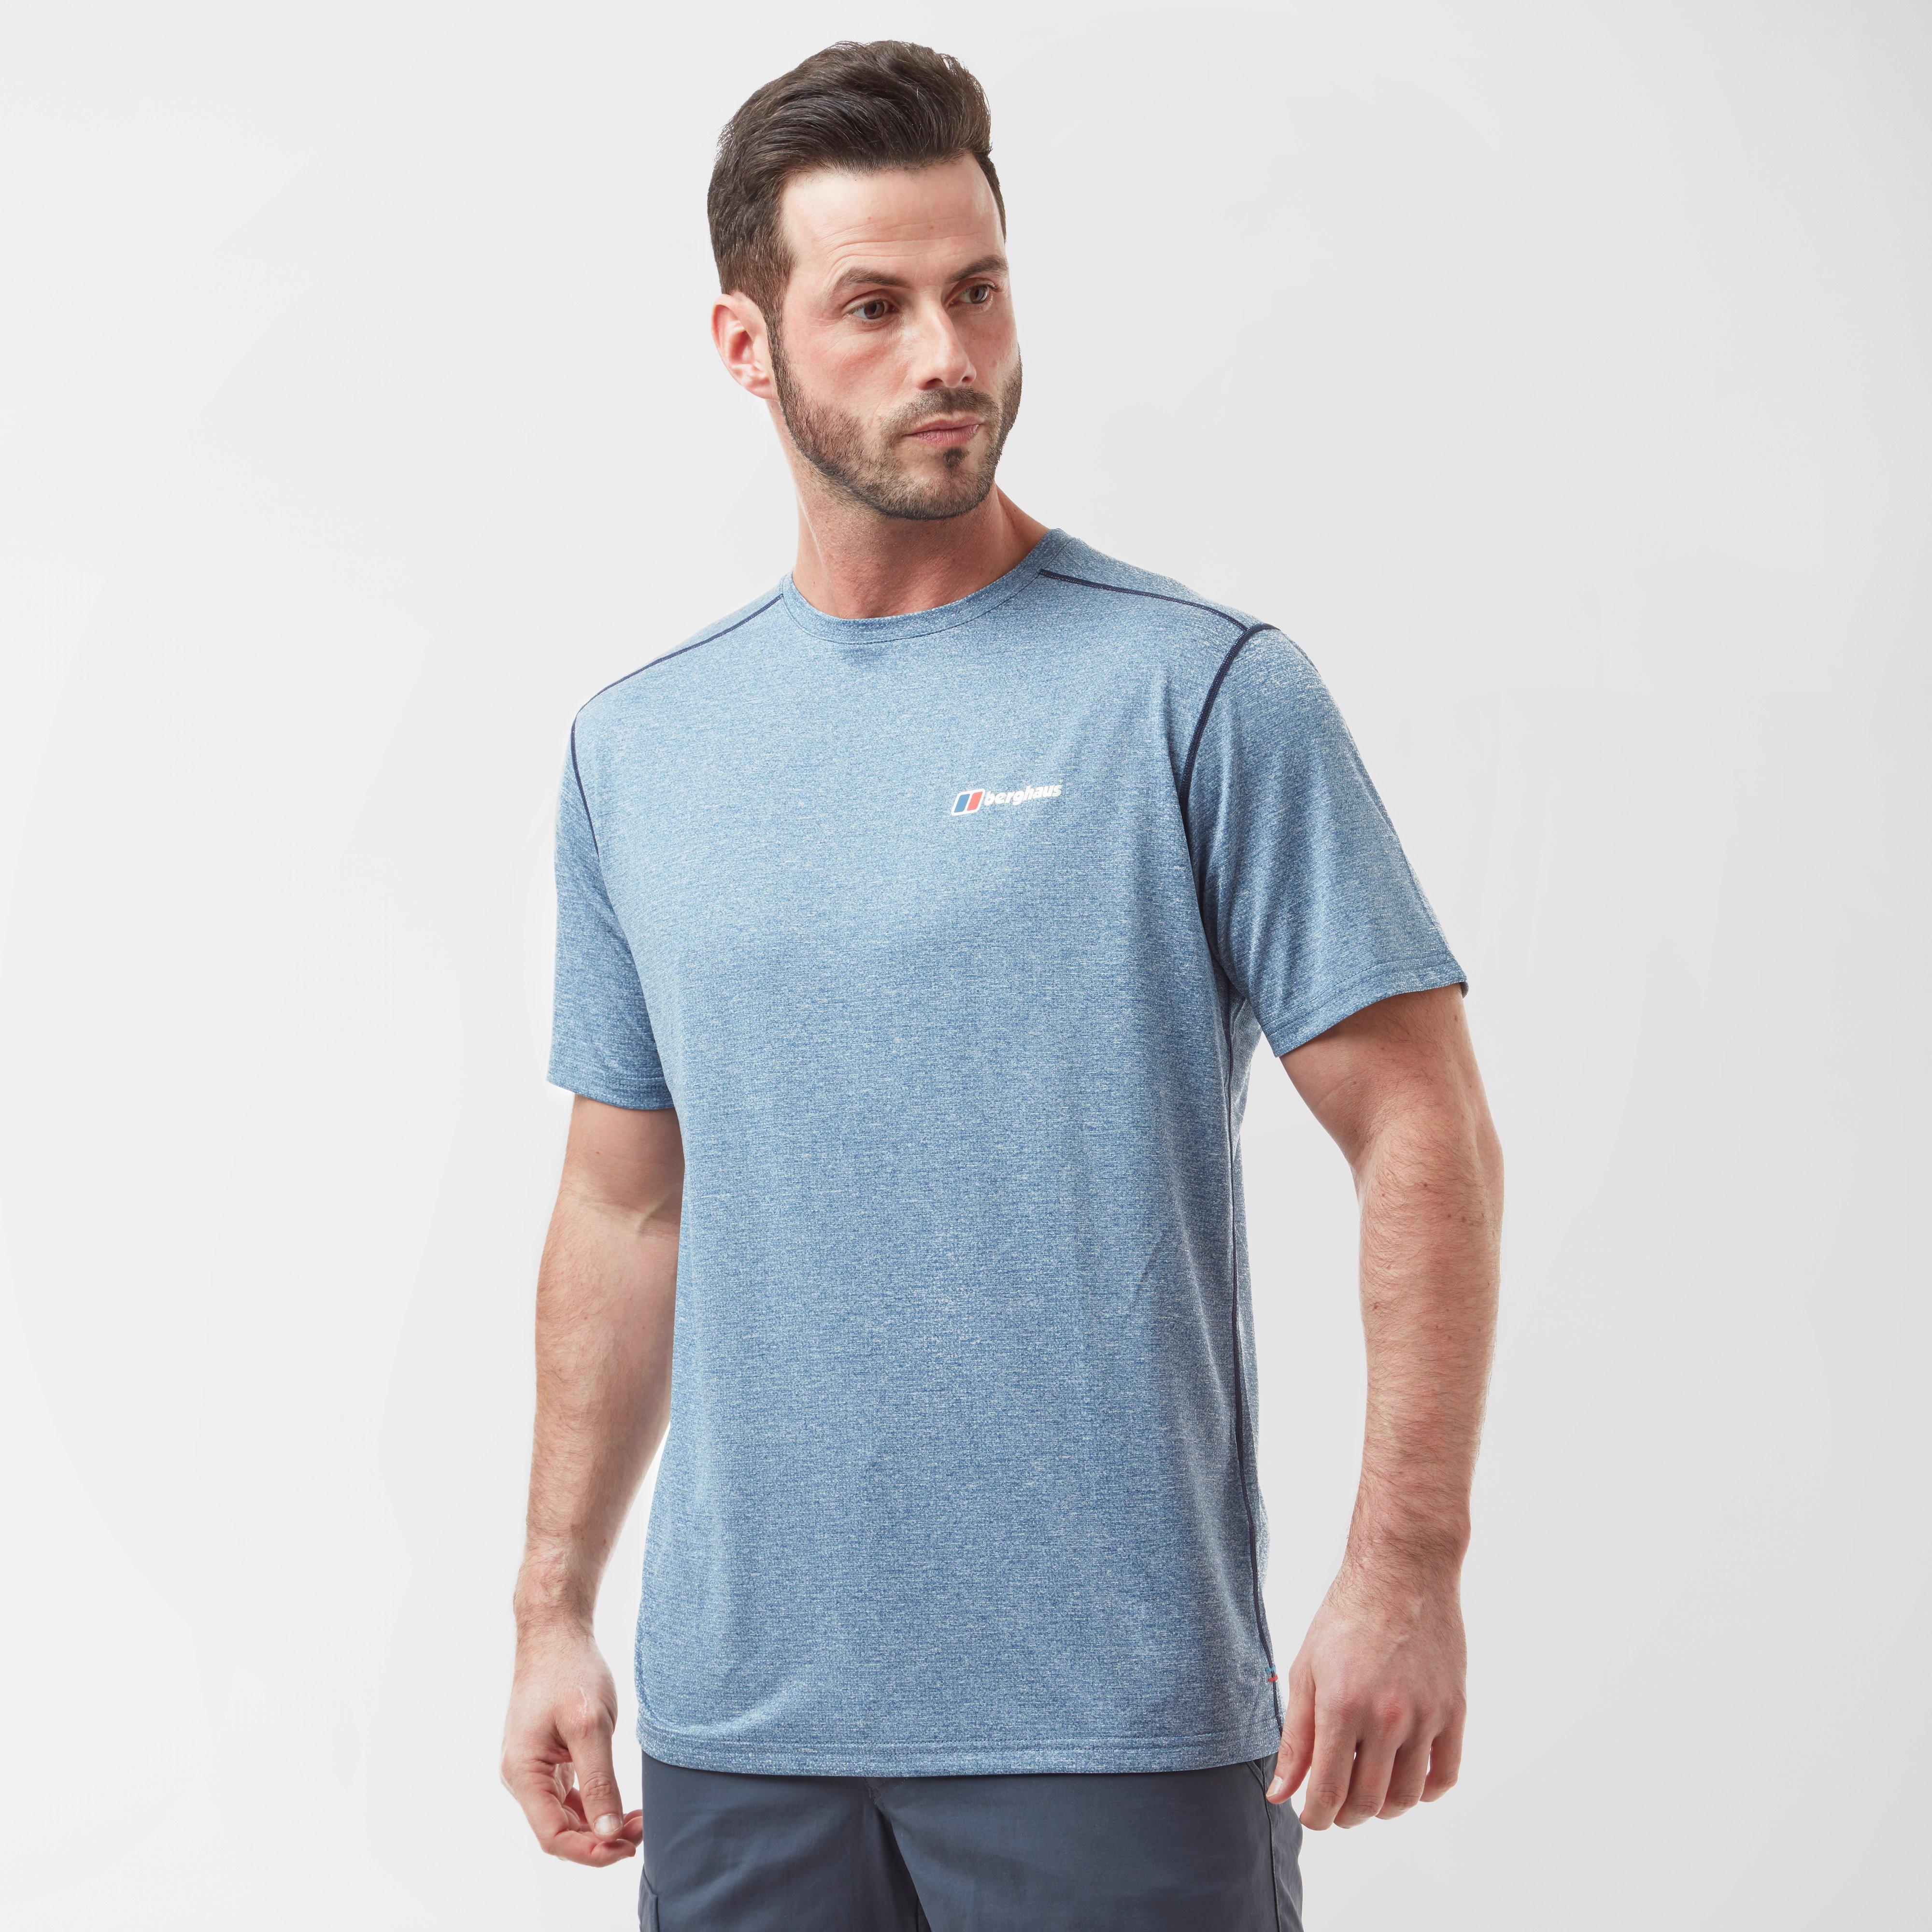 Berghaus Mens Short Sleeve Crew 2.0 T-shirt - Blue  Blue